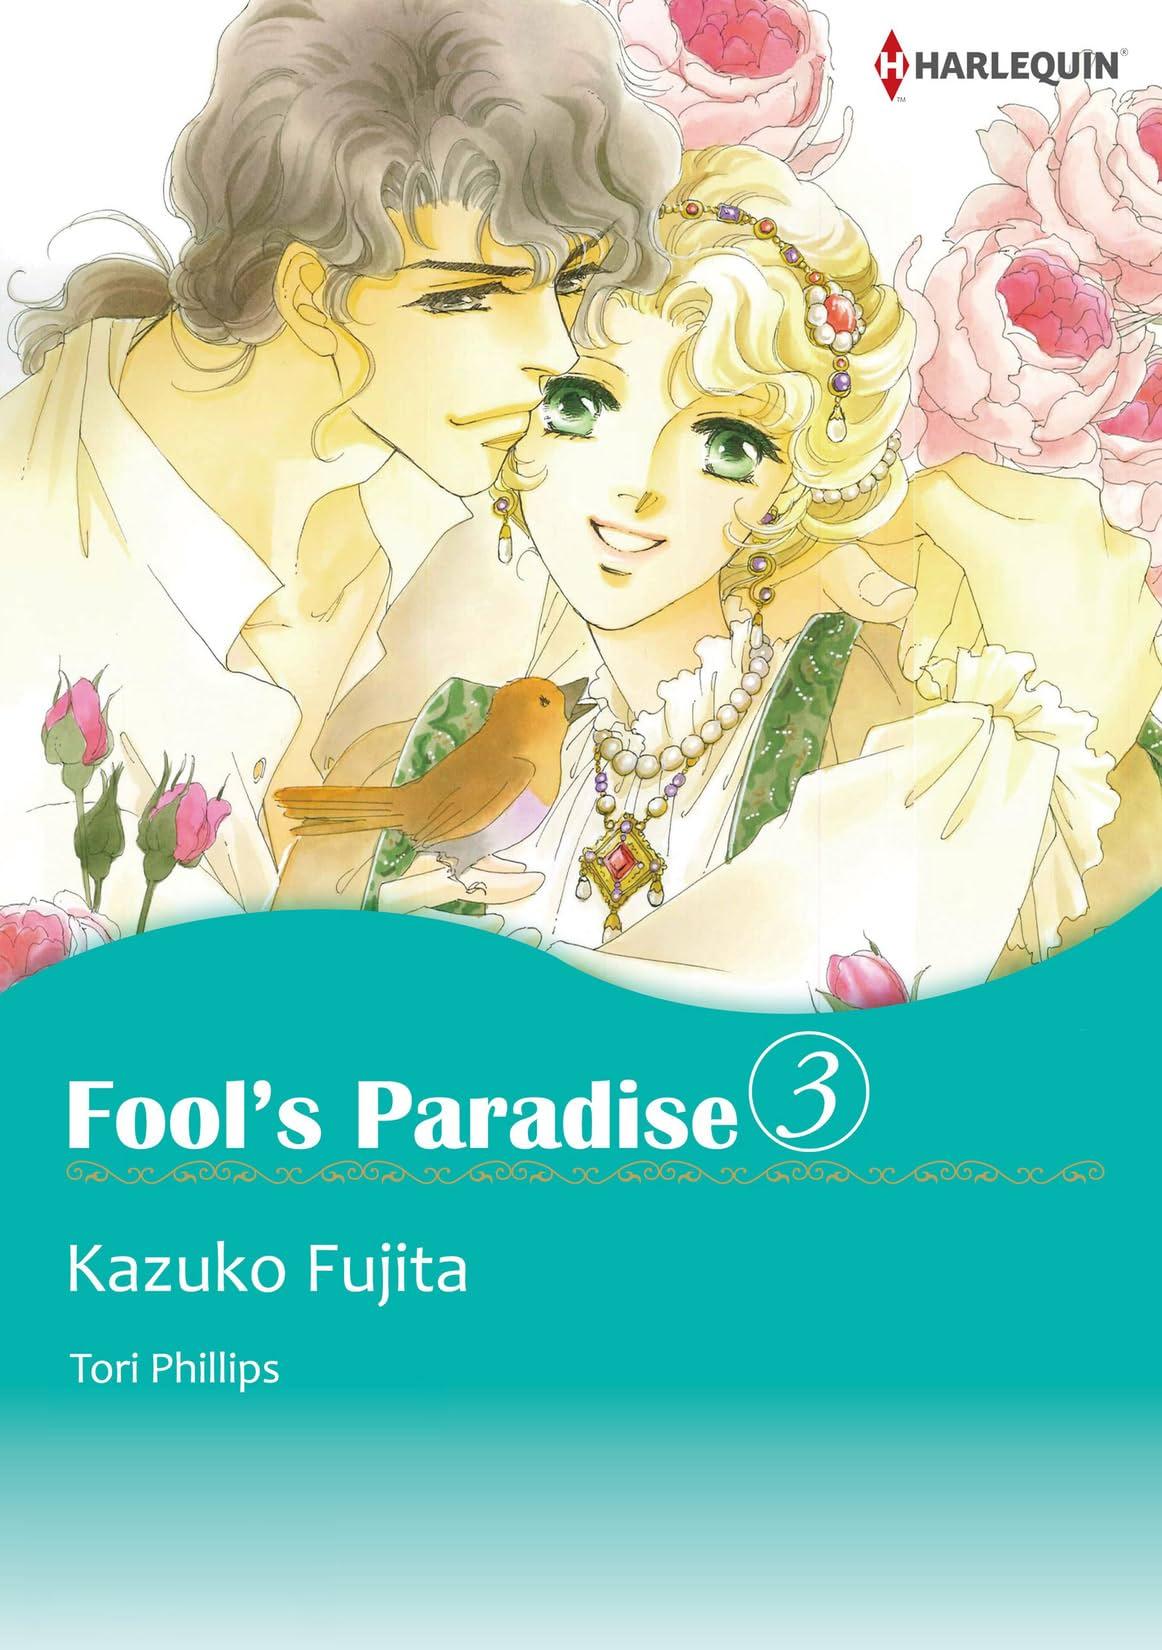 Fool's Paradise Vol. 3